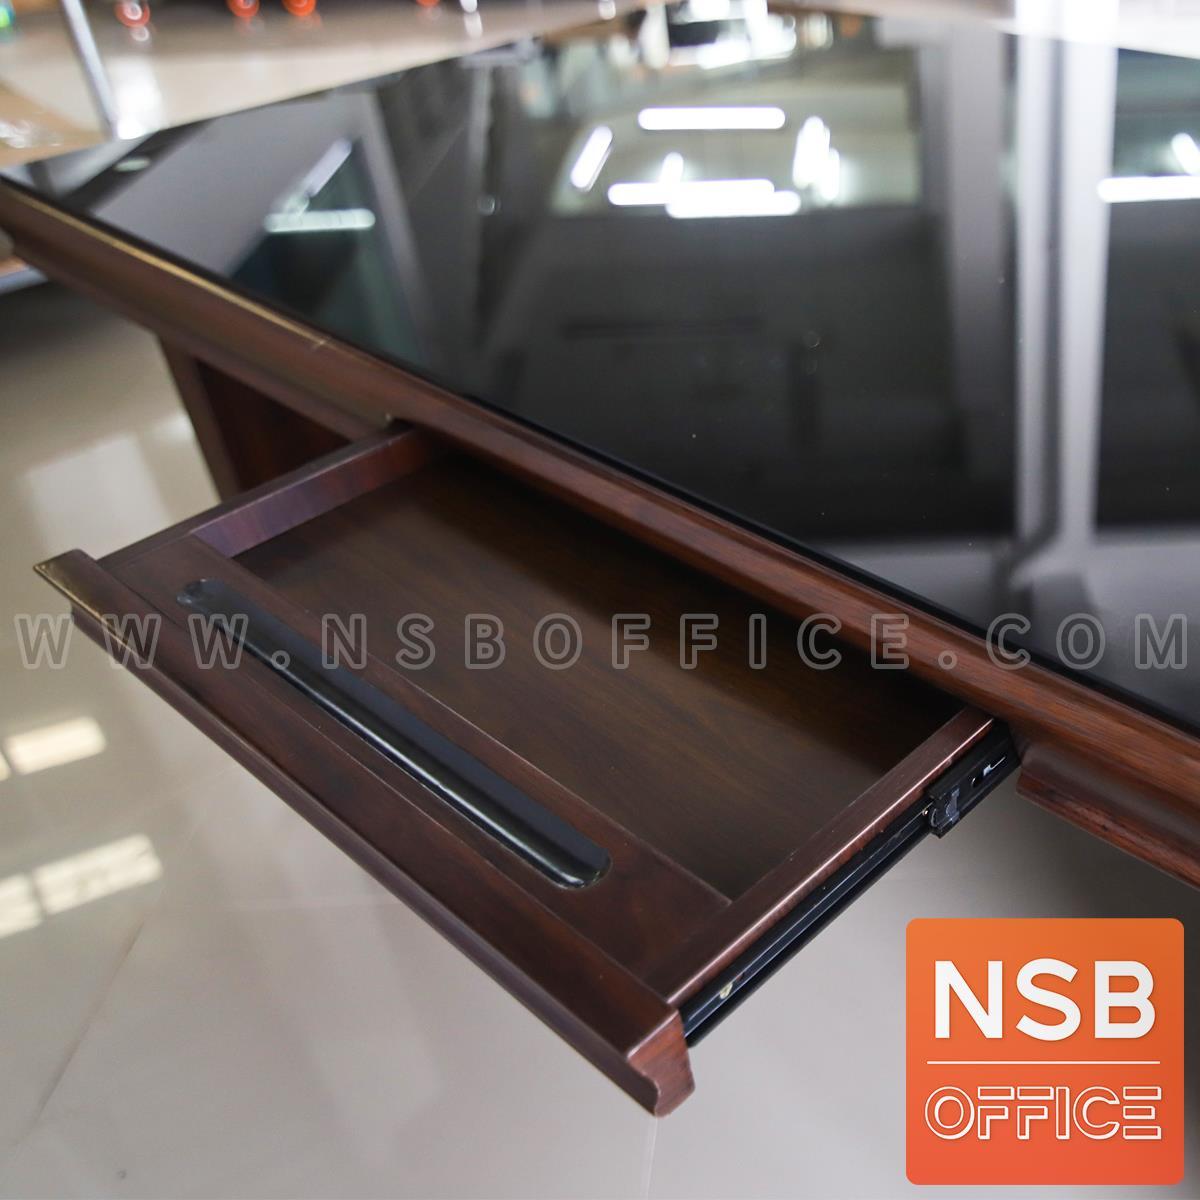 โต๊ะทำงานผู้บริหาร รุ่น Phoenix (ฟีนิกซ์) ขนาด 180W cm. หน้าท็อปทับด้วยกระจก